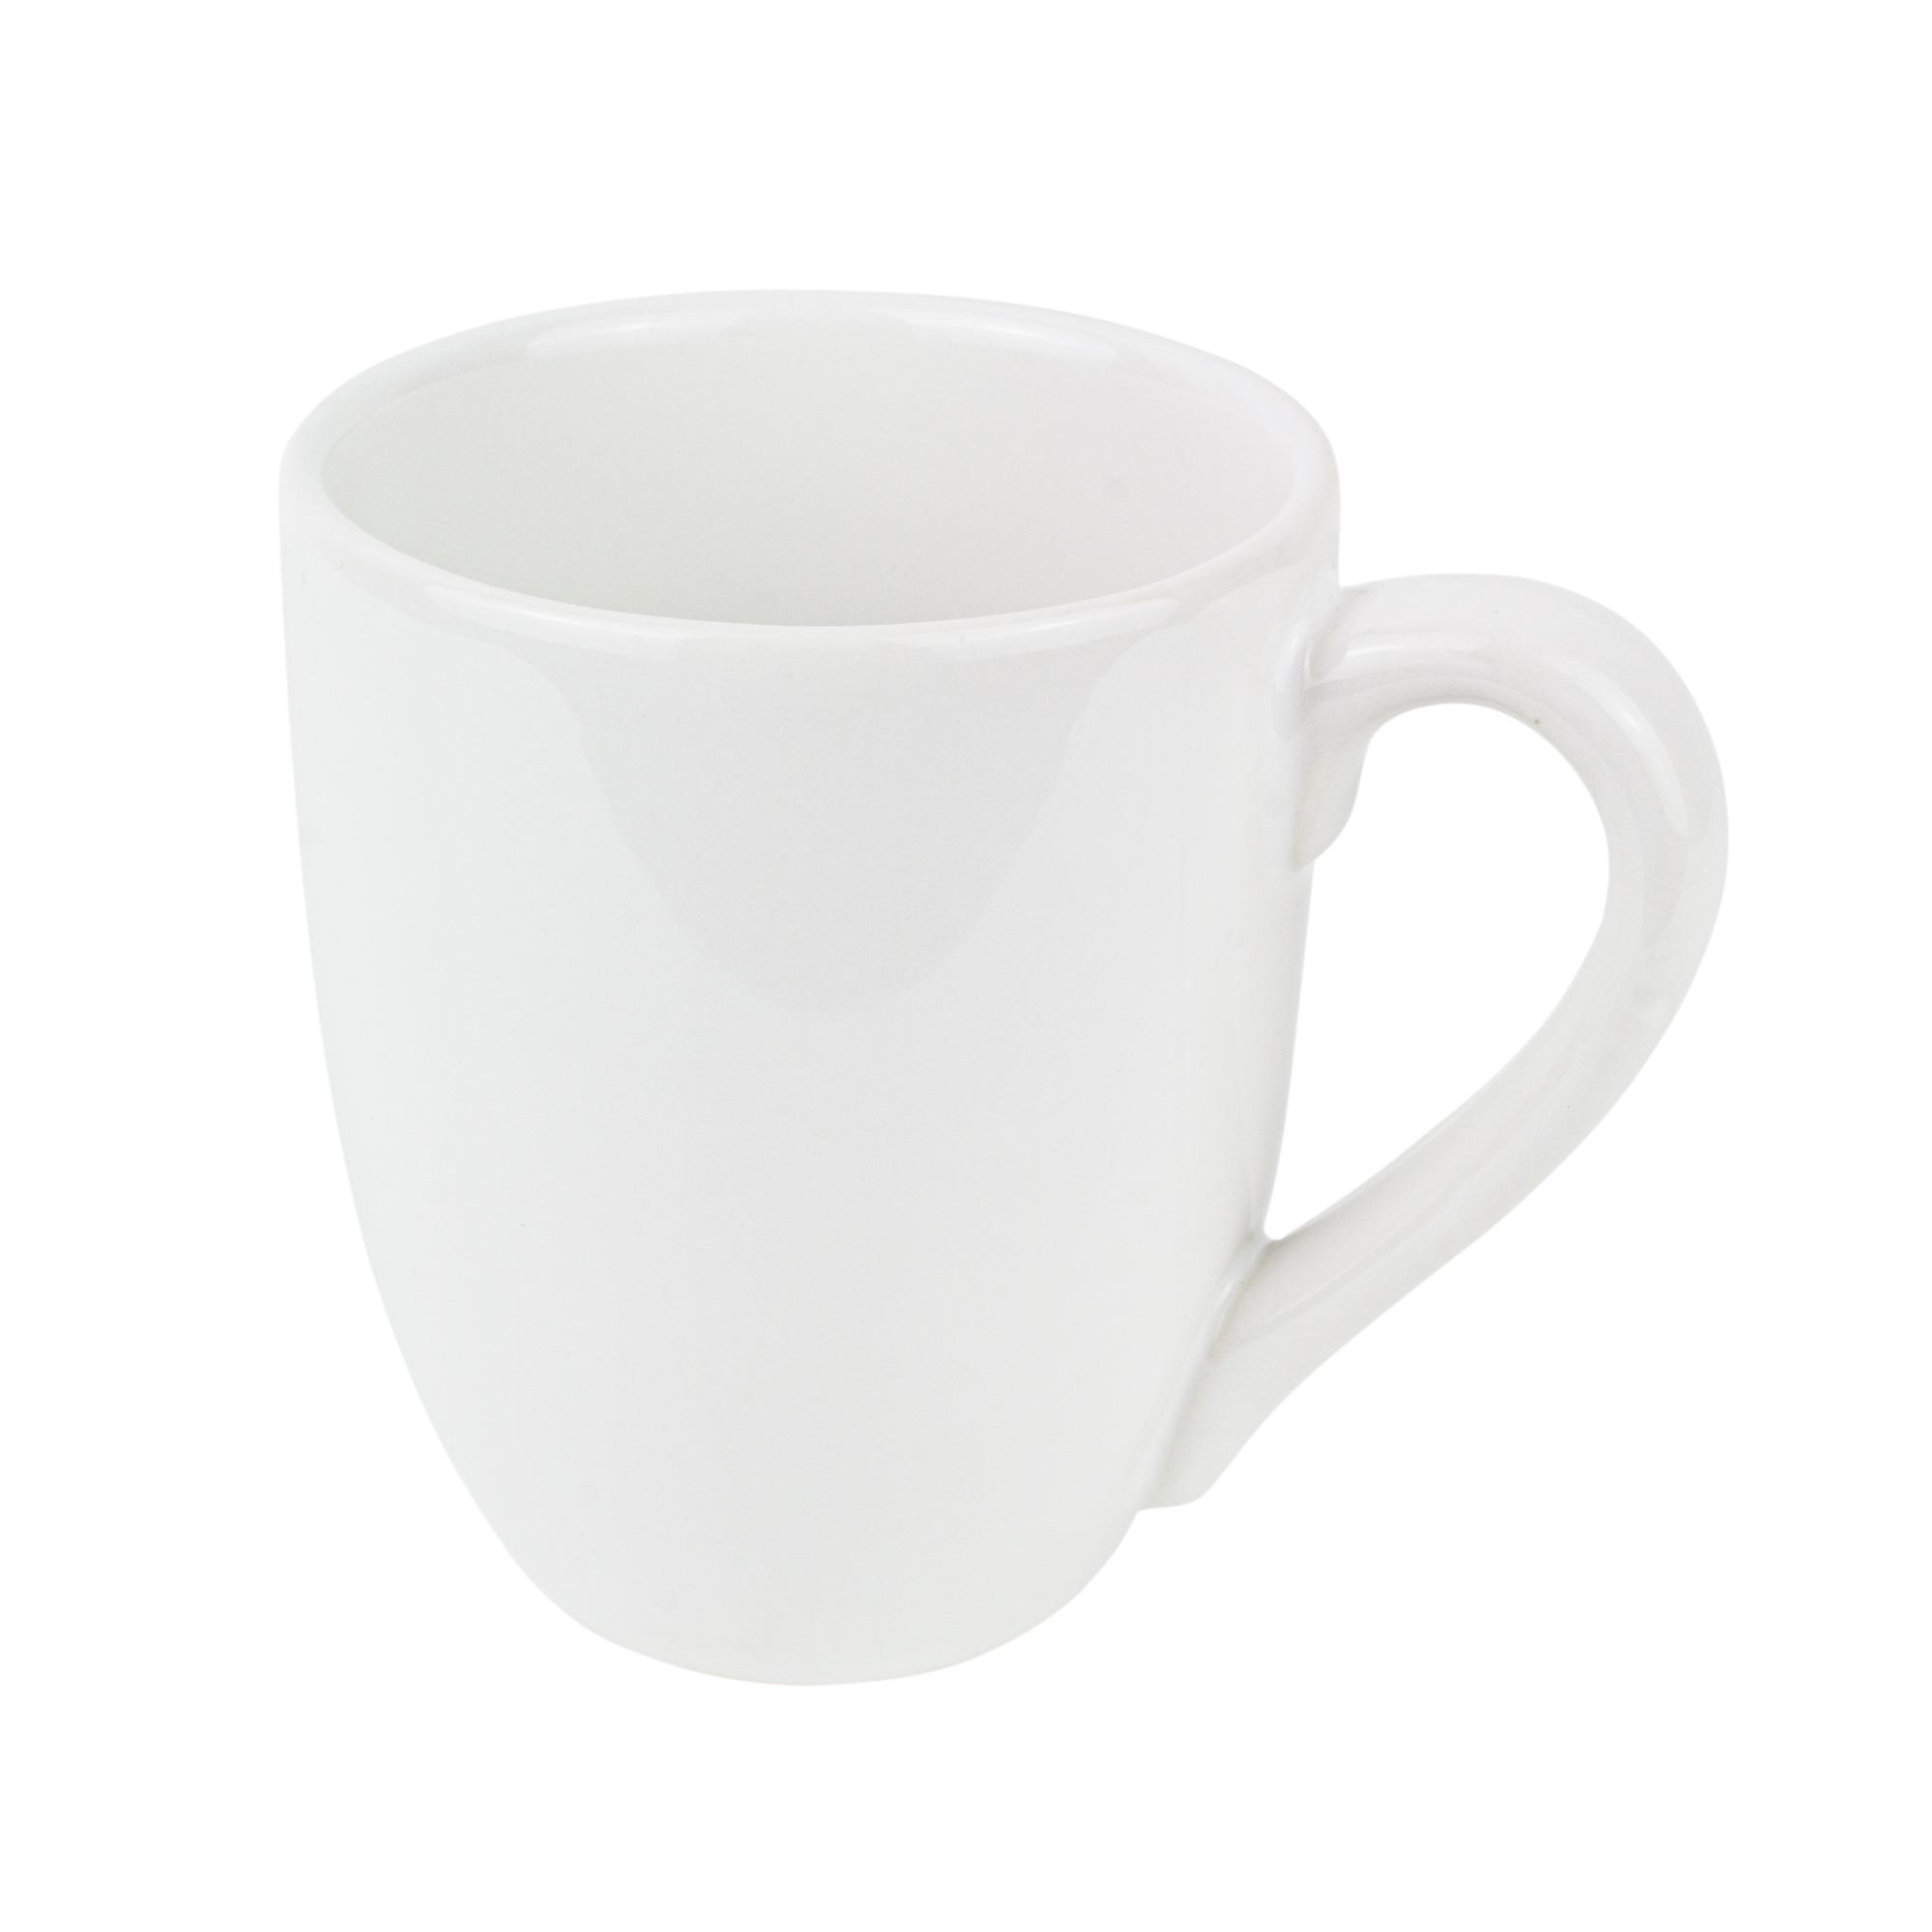 Caneca de Ceramica 270ml Branca - Oxford